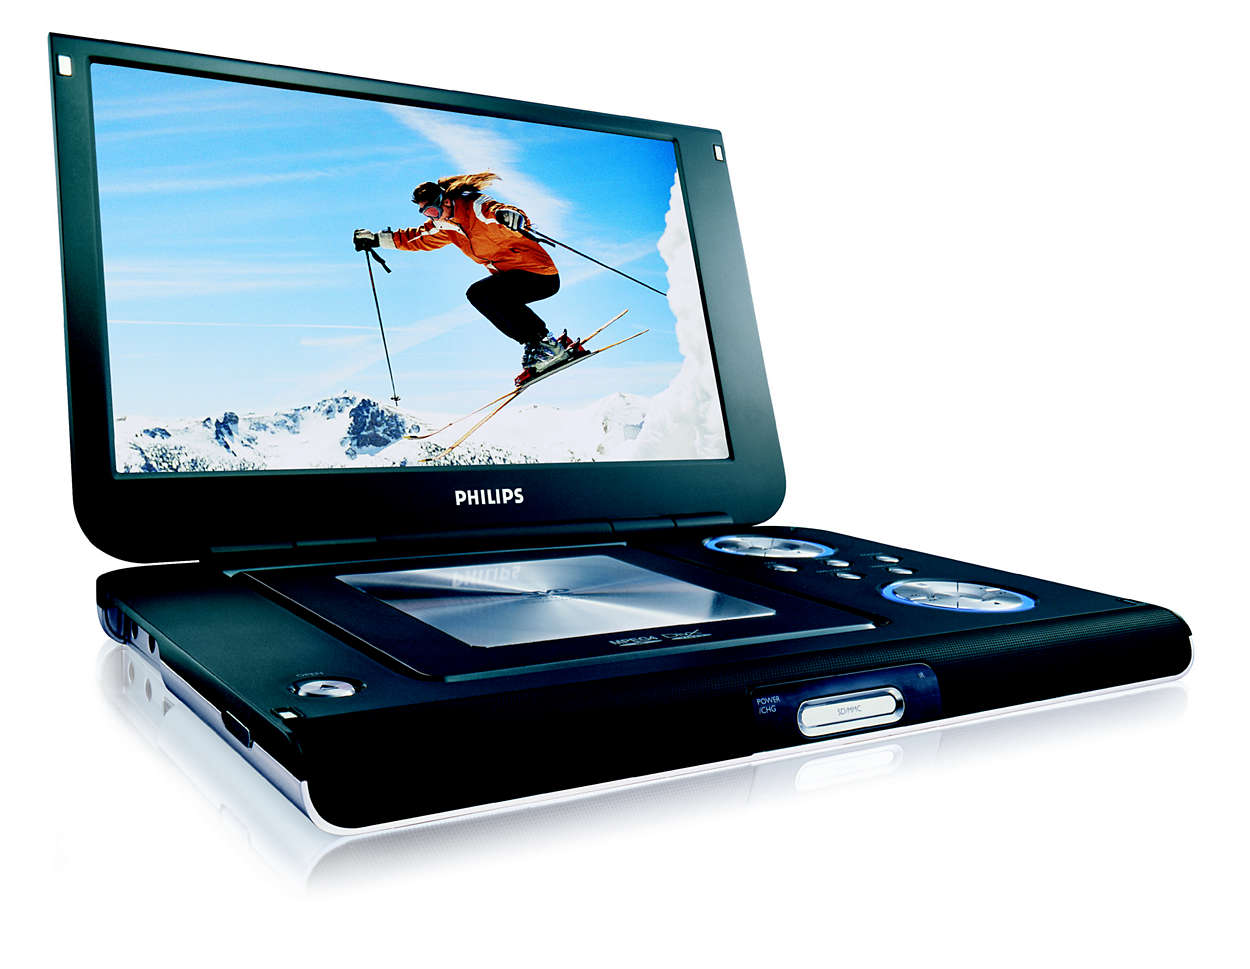 Užijte si DVD a digitální videa